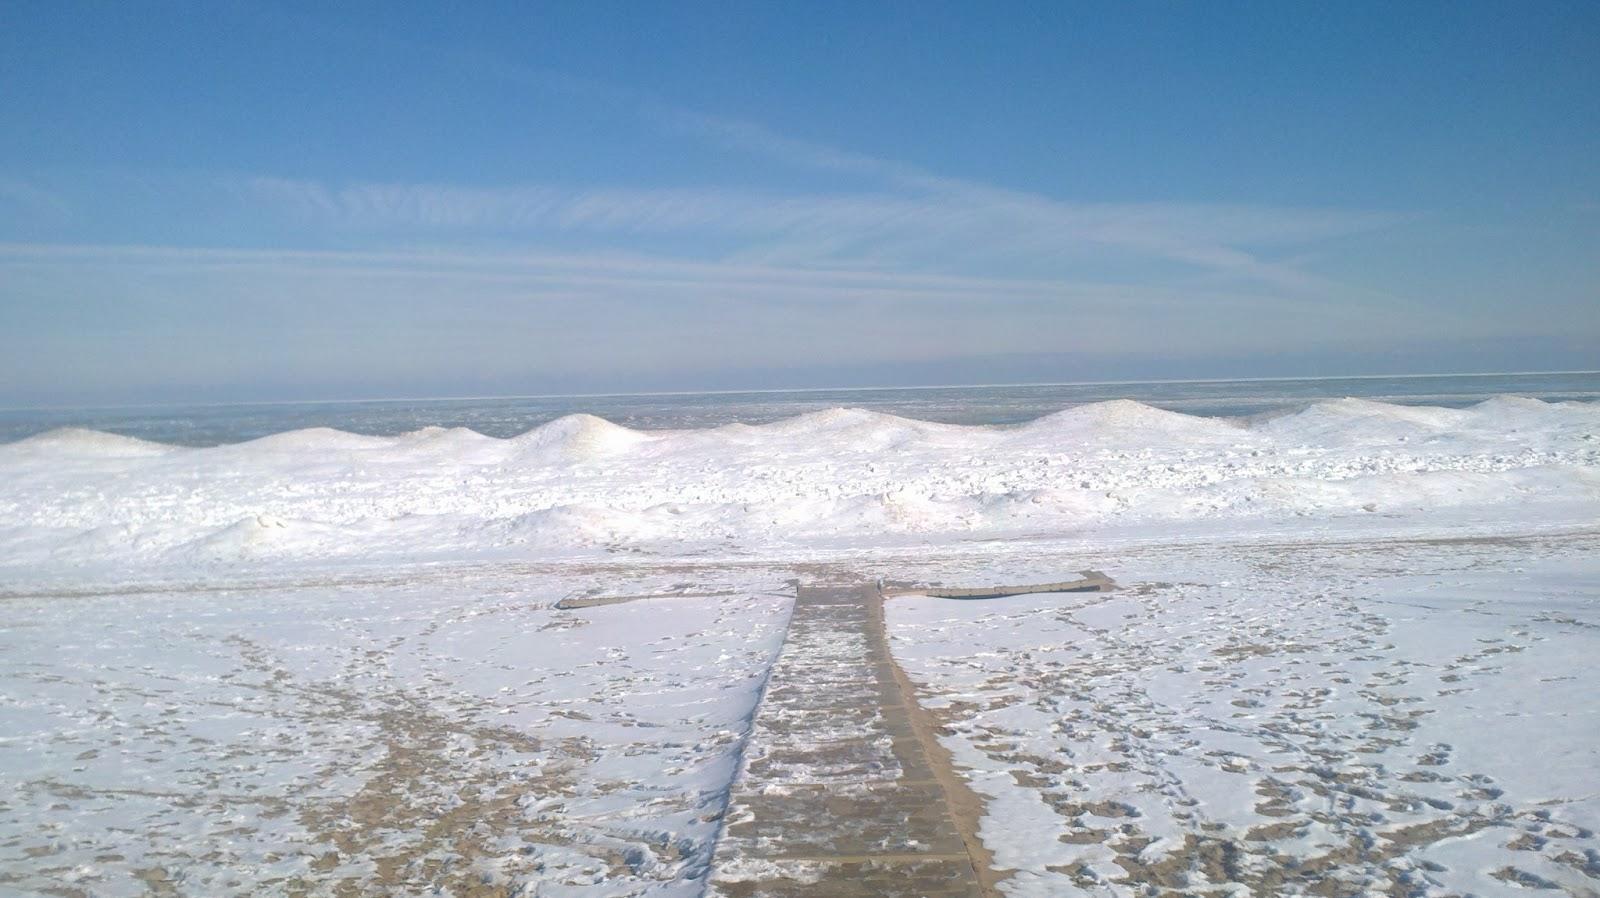 Evanston Newbie: Evanston and its Sexy Frozen Beaches